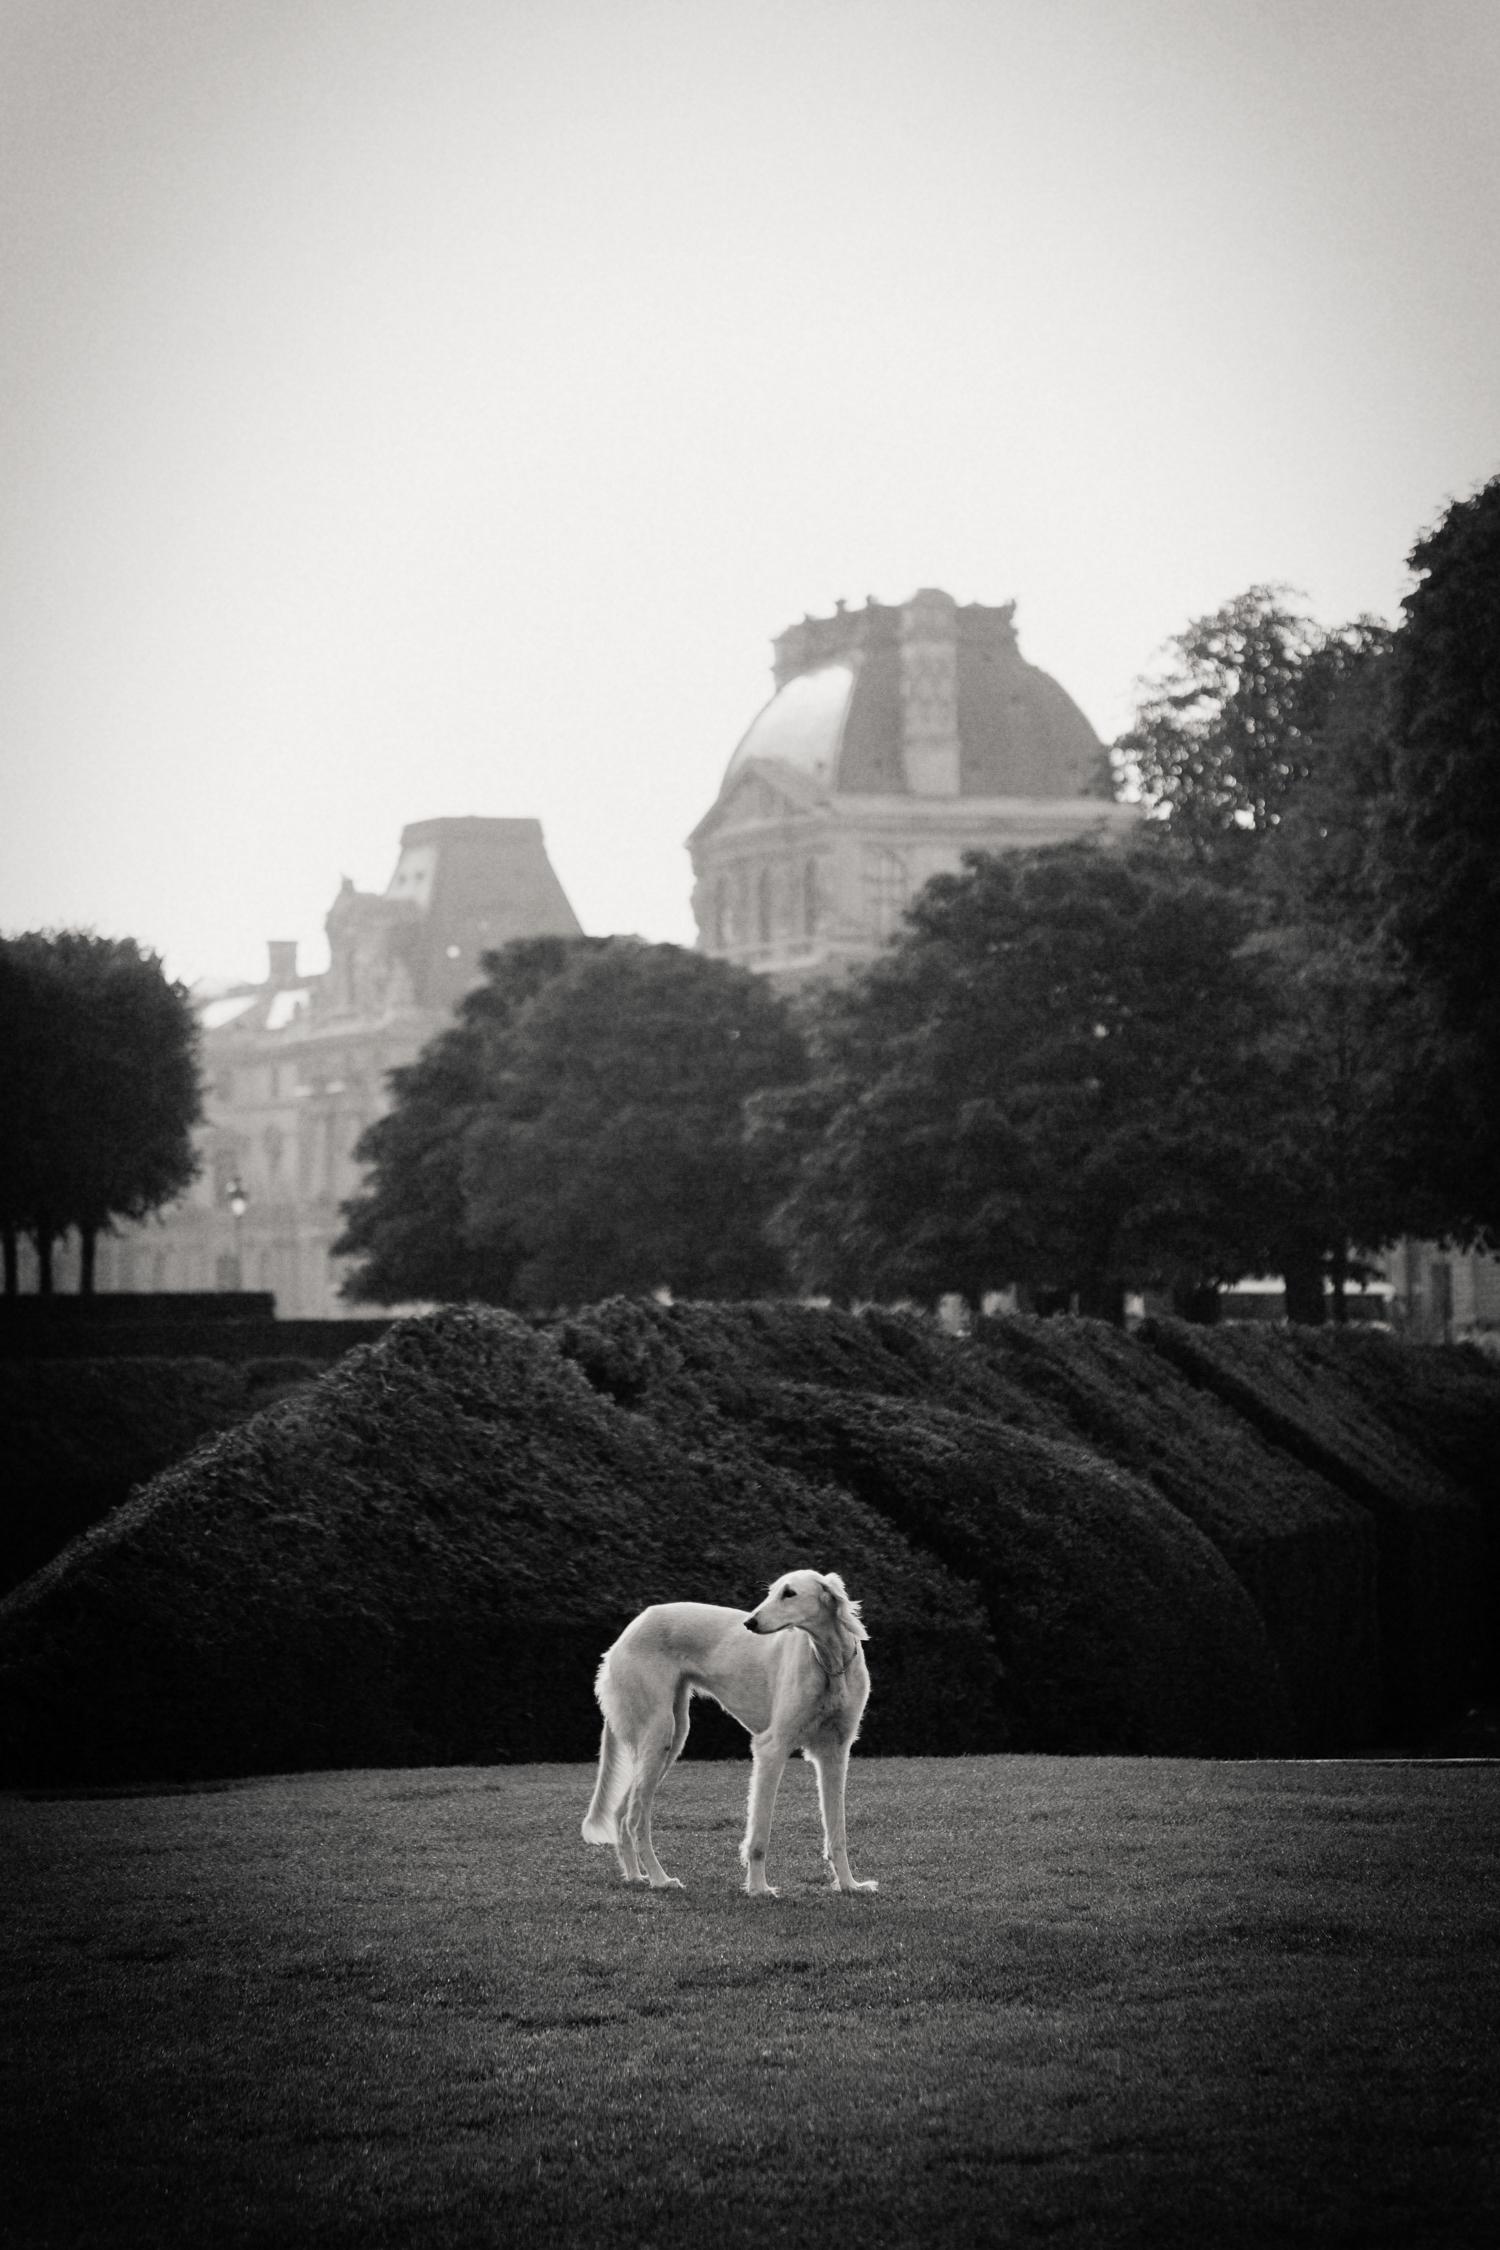 dog in park, Paris 2014.